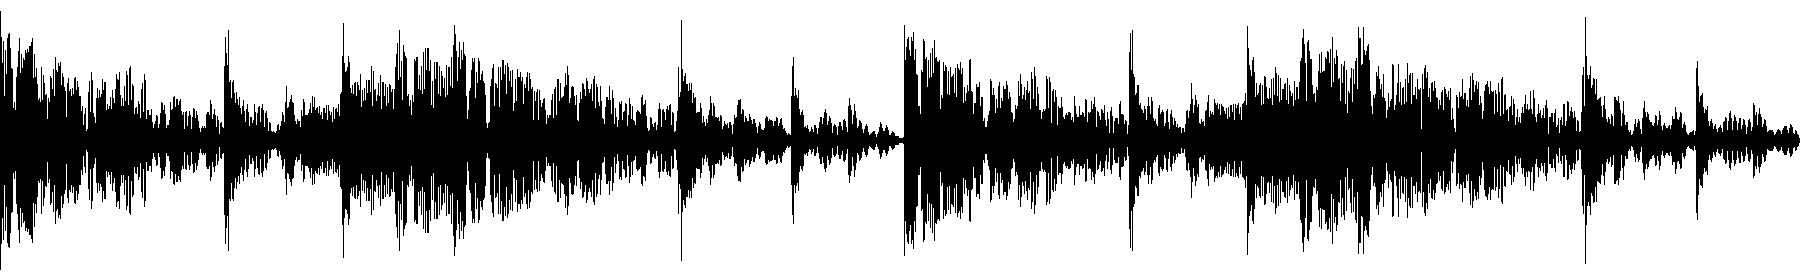 blbc electrodrums fx 75 03